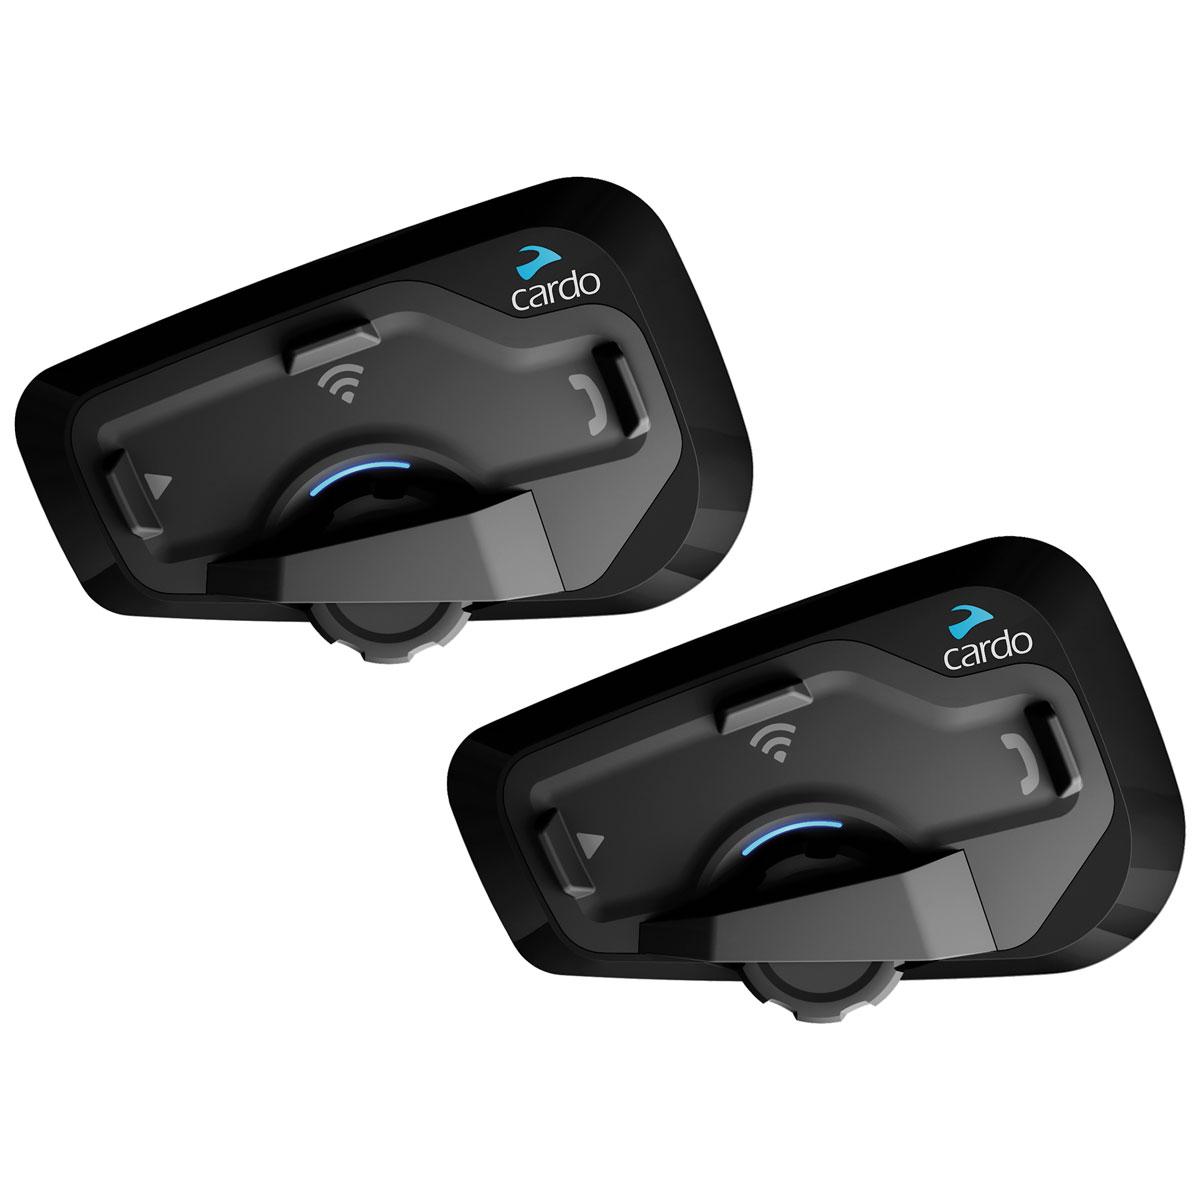 freecom 4 cardo duo  Cardo Freecom 4 Plus Duo Bluetooth Communication Systems - FRC4P101 ...